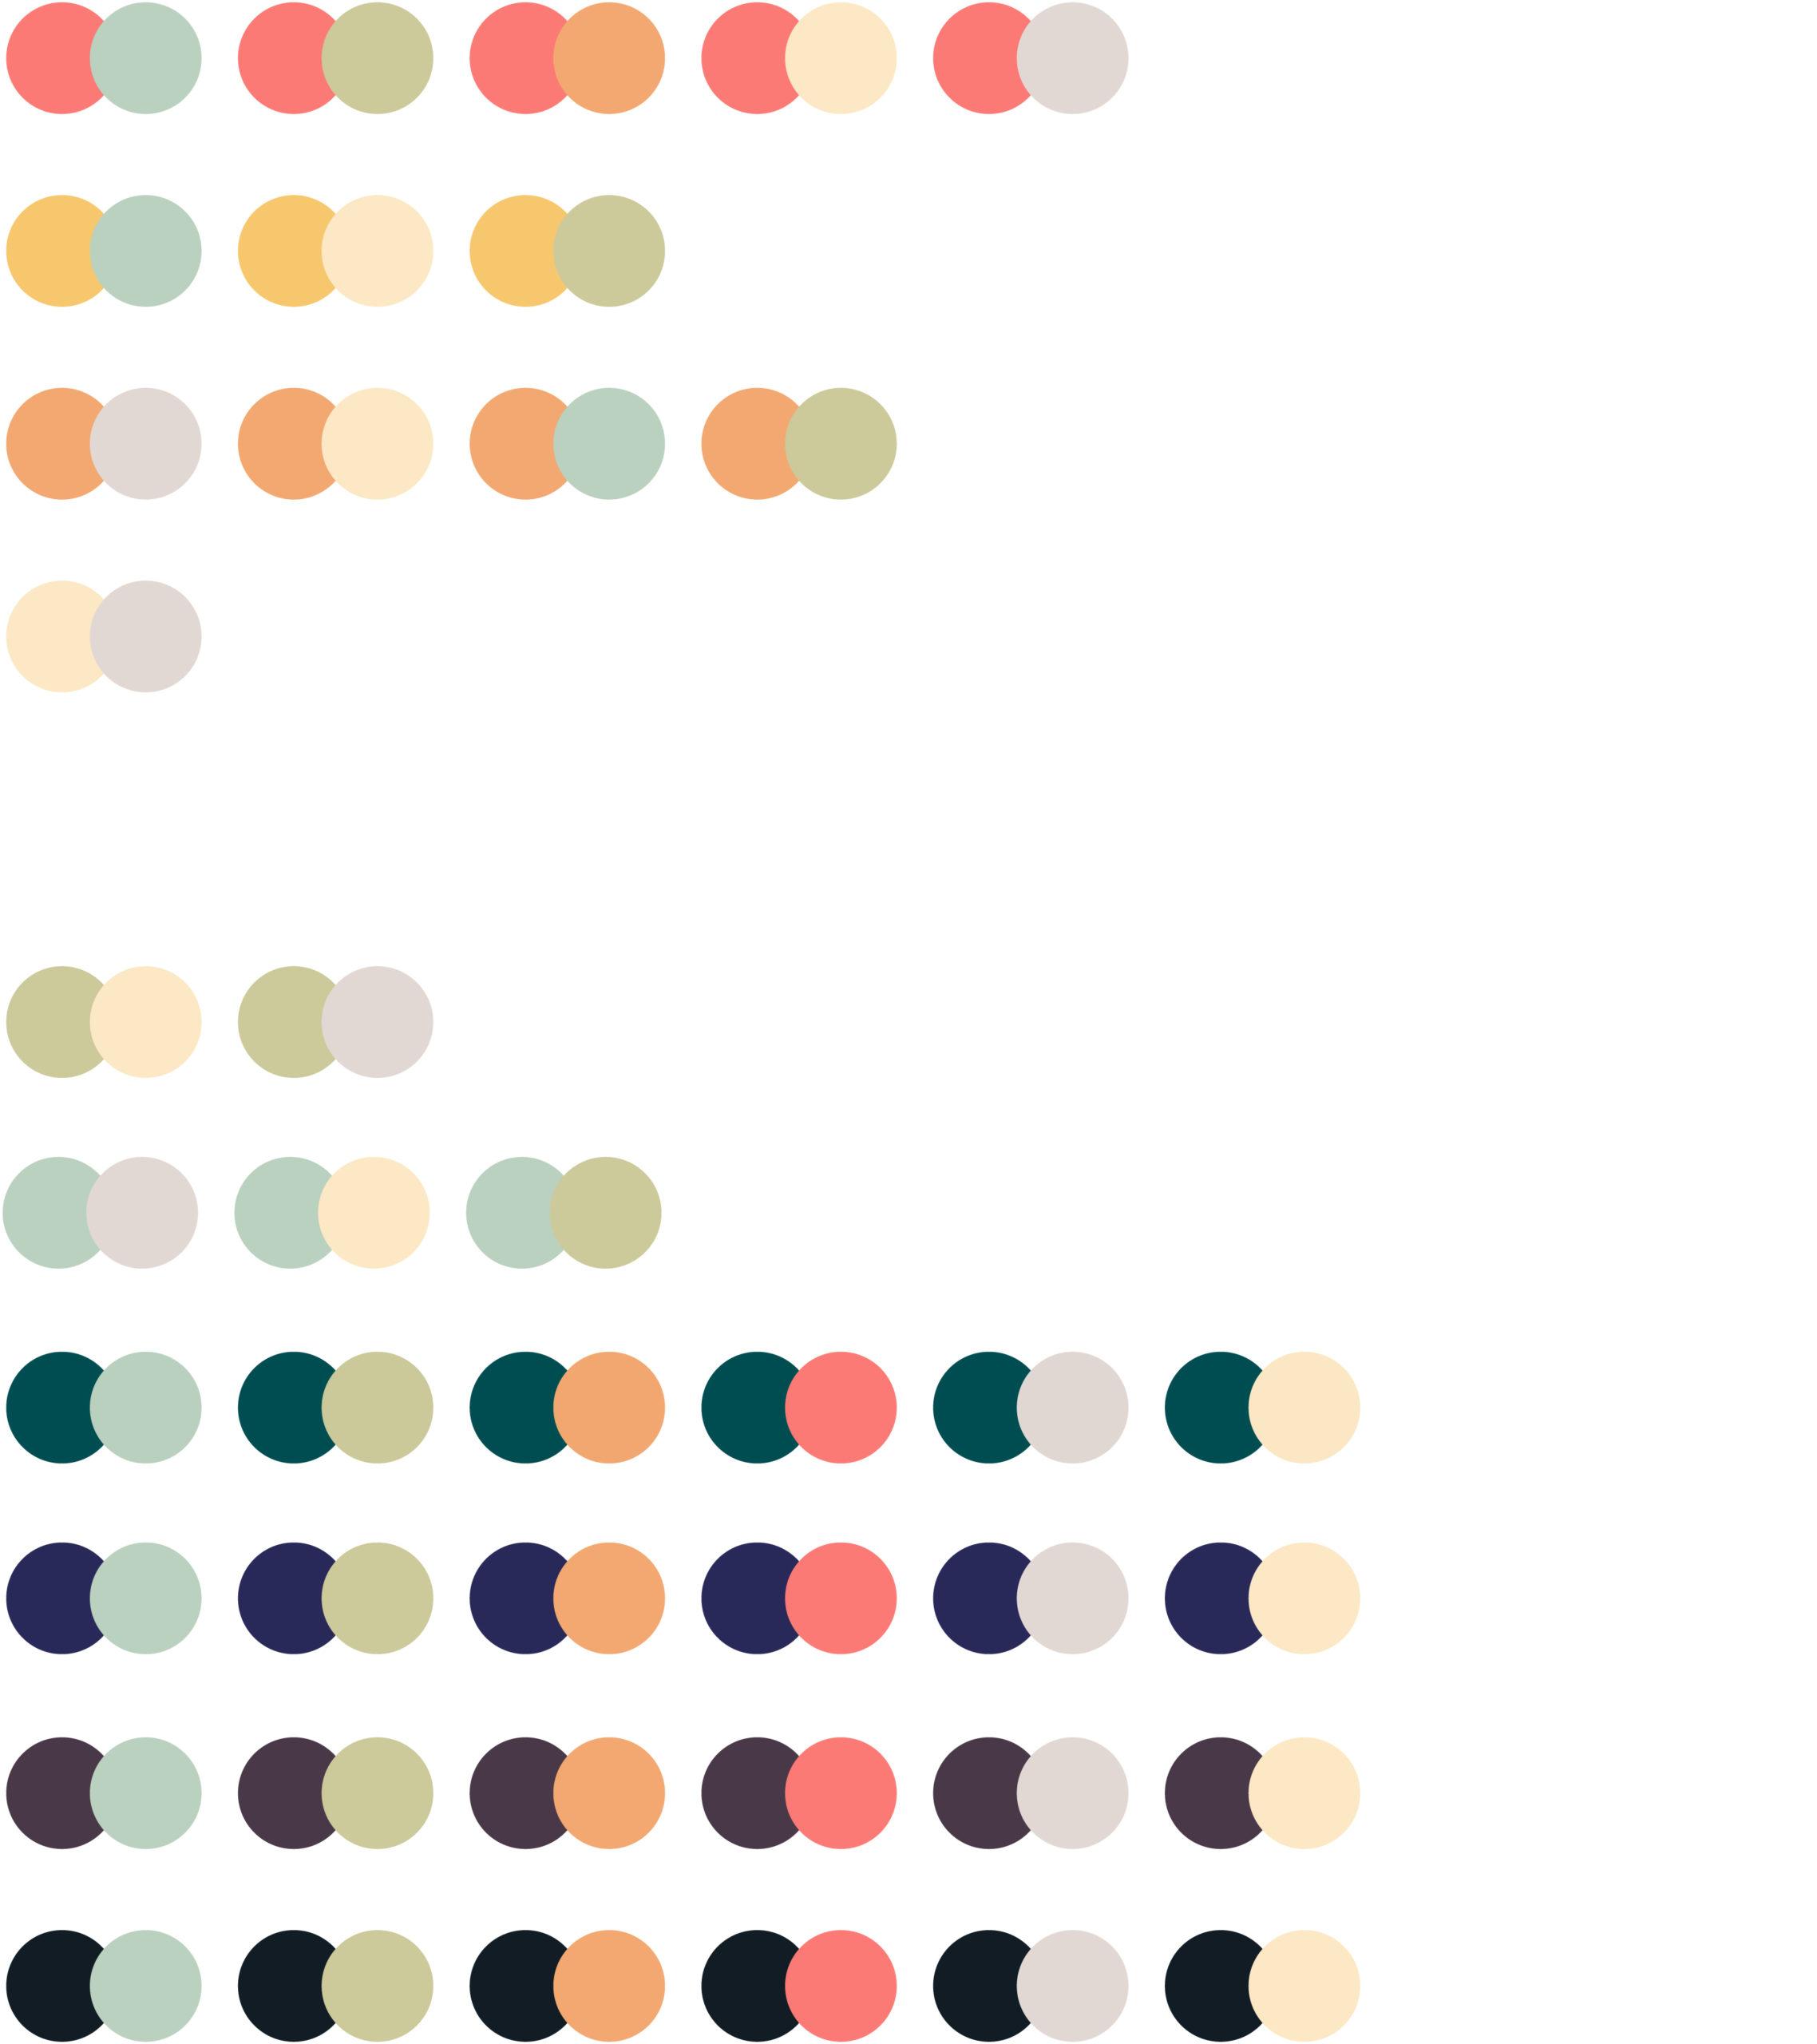 Katholische Hochschulgemeinde Düsseldorf Corporate Design Brand Manual Farbkombinationen